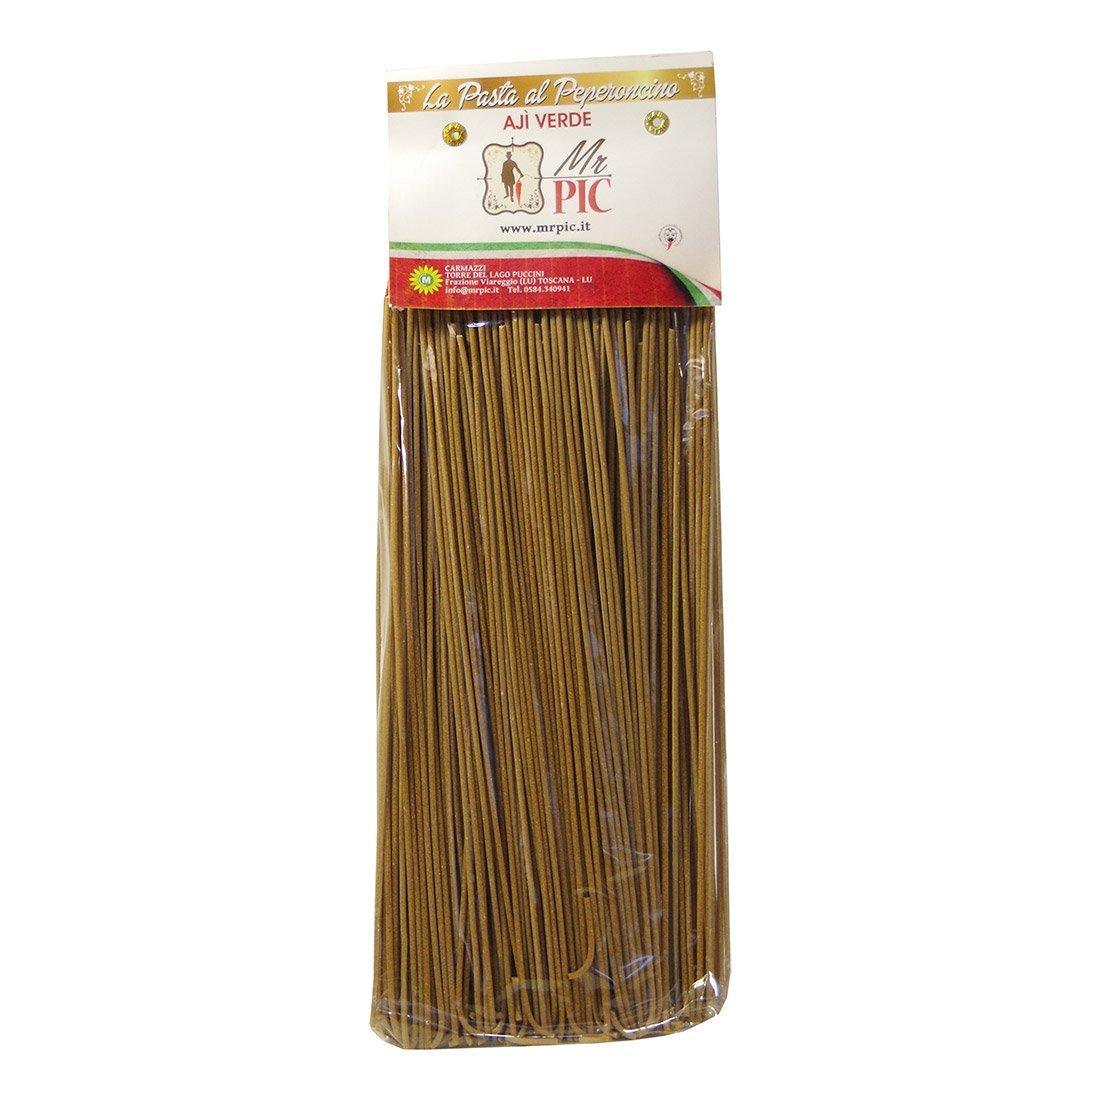 Spaghetti Aji Amarillo